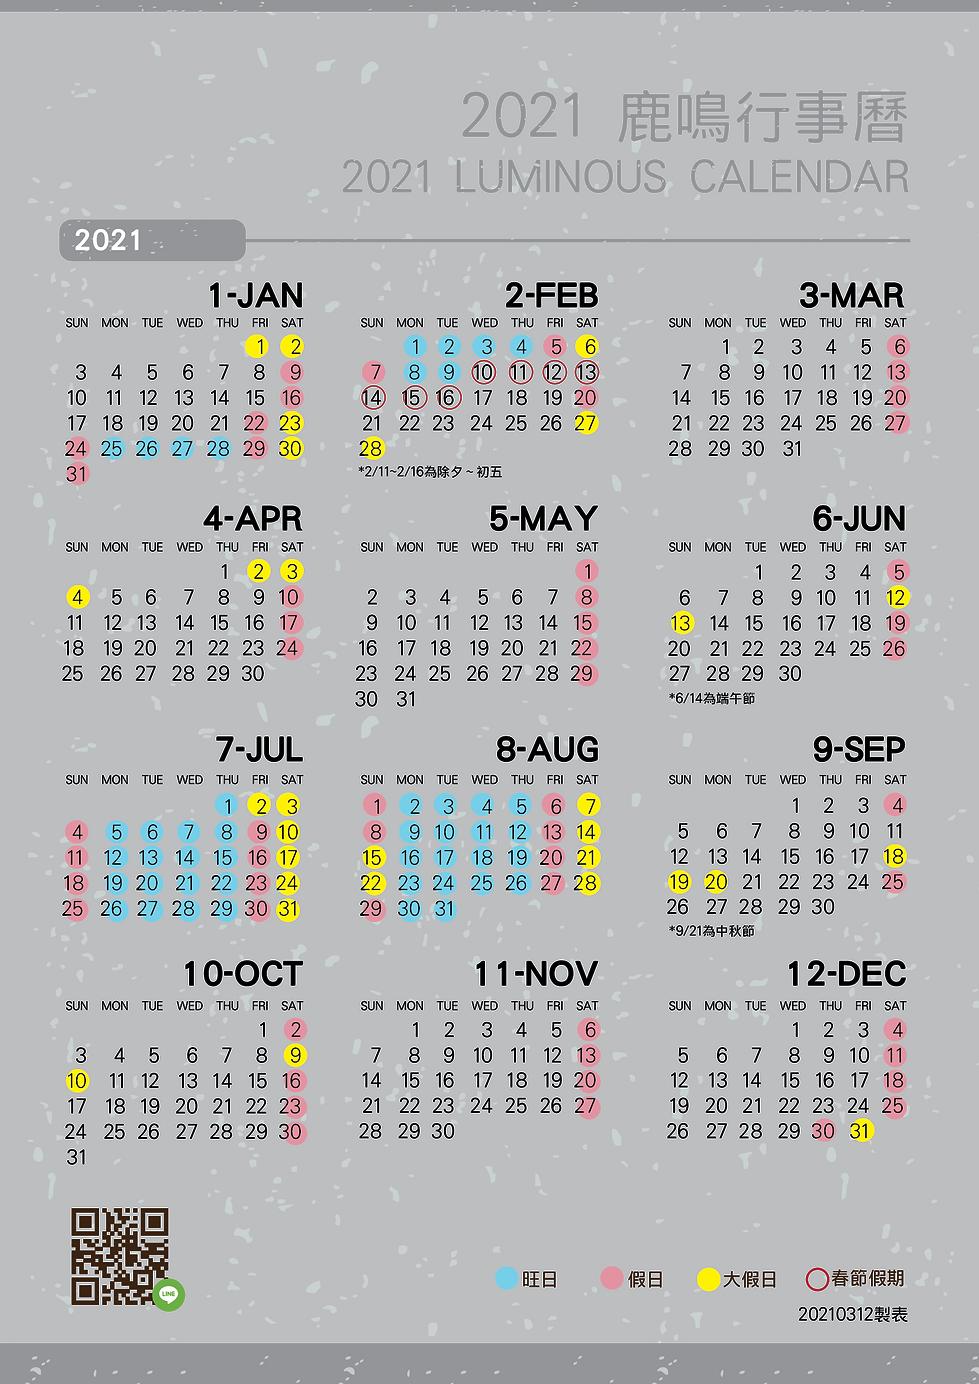 行事曆ok.png